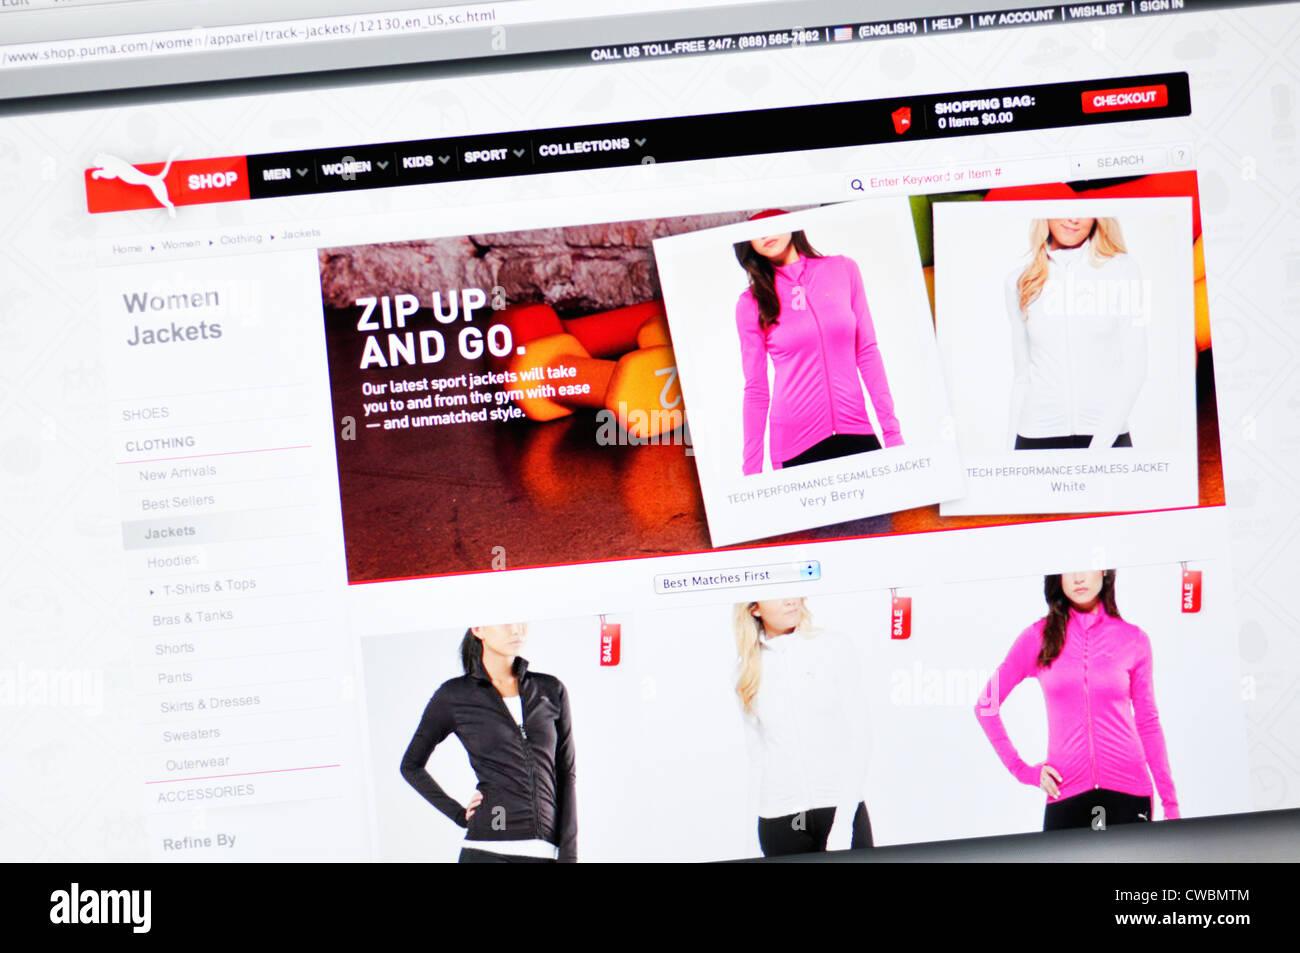 108431047ff Sitio web - Puma calzado y ropa deportiva Foto   Imagen De Stock ...